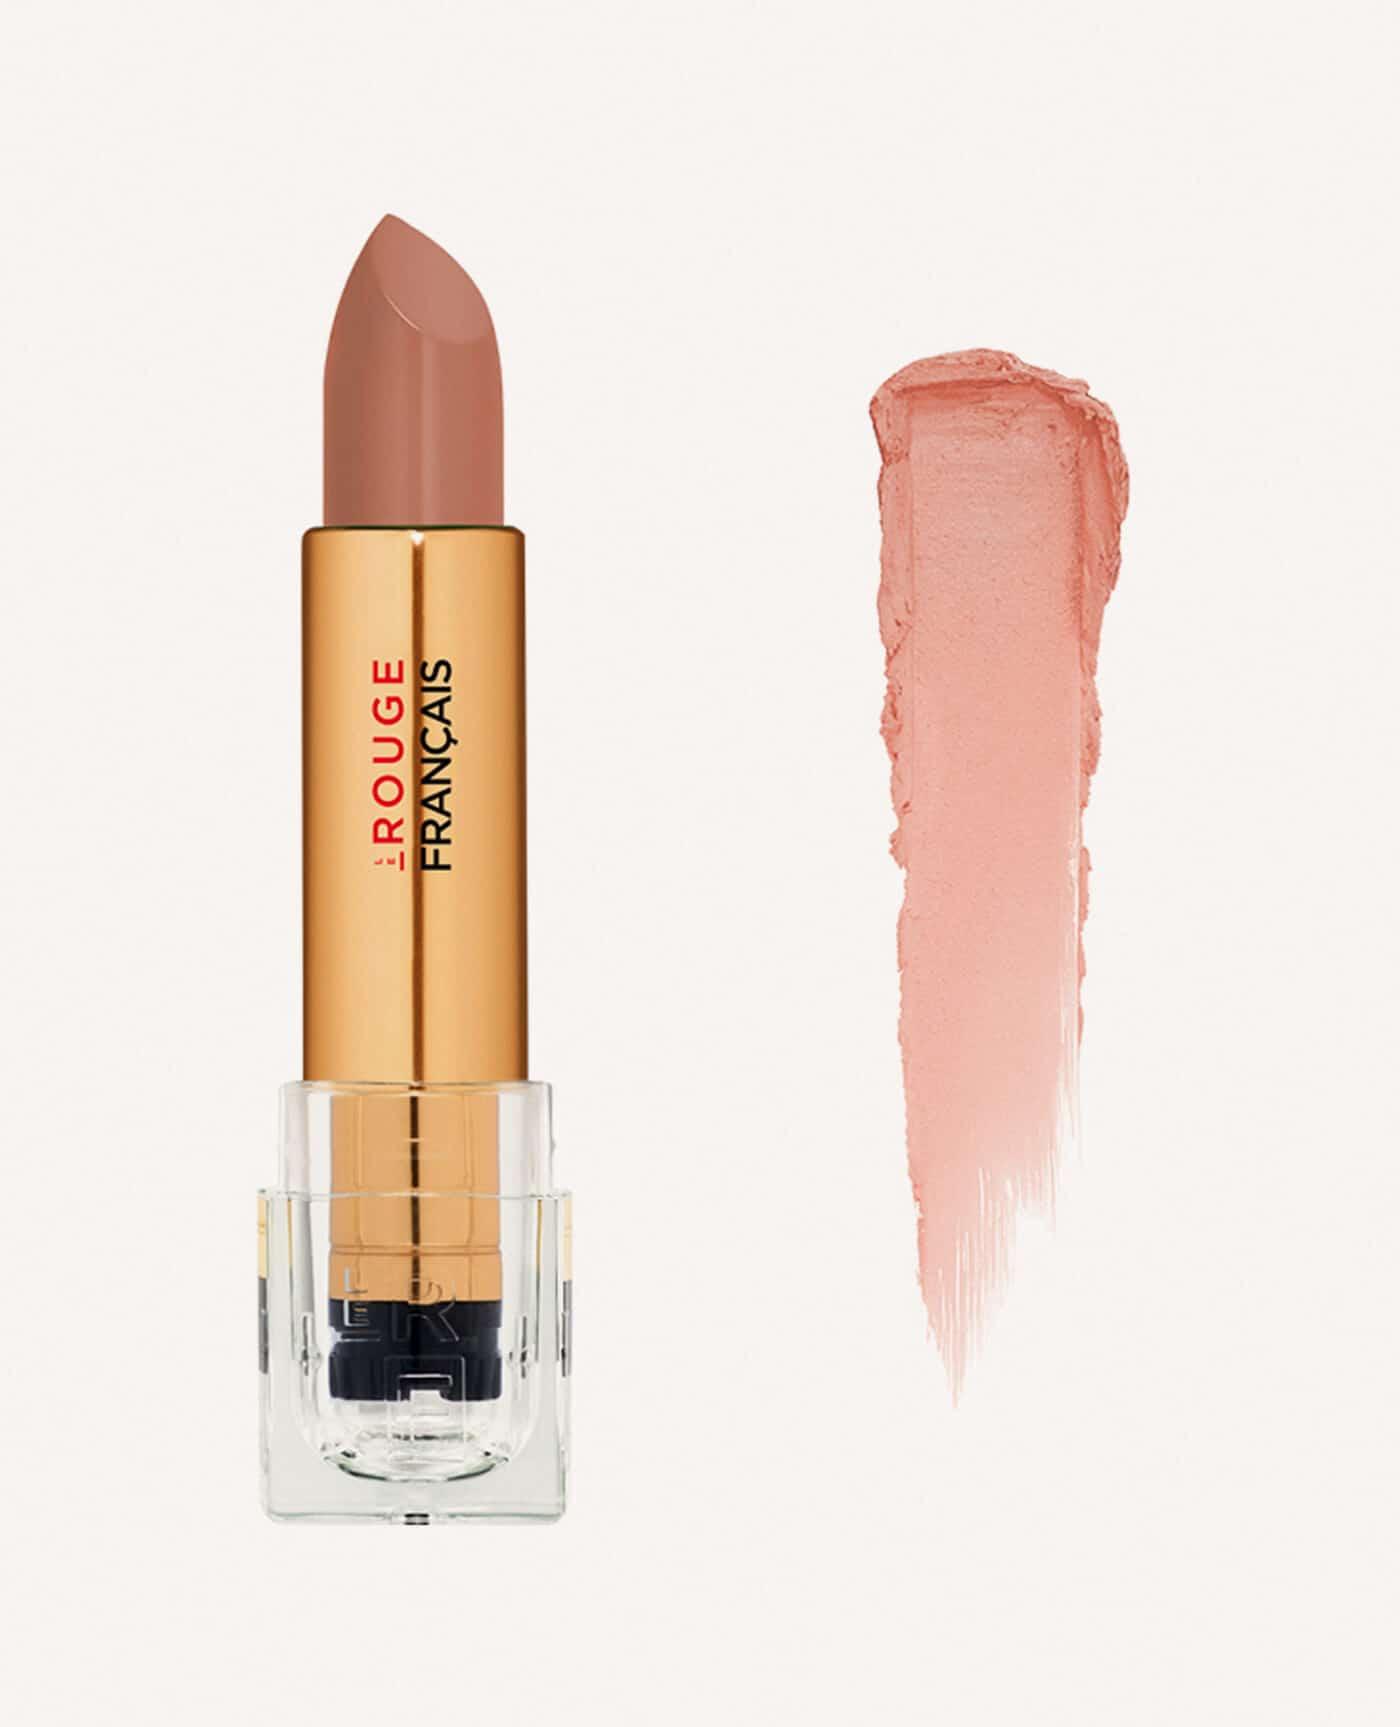 Rouge à lèvres rechargeable Astera bio et vegan couleur nude de la marque Le rouge Français Made in France